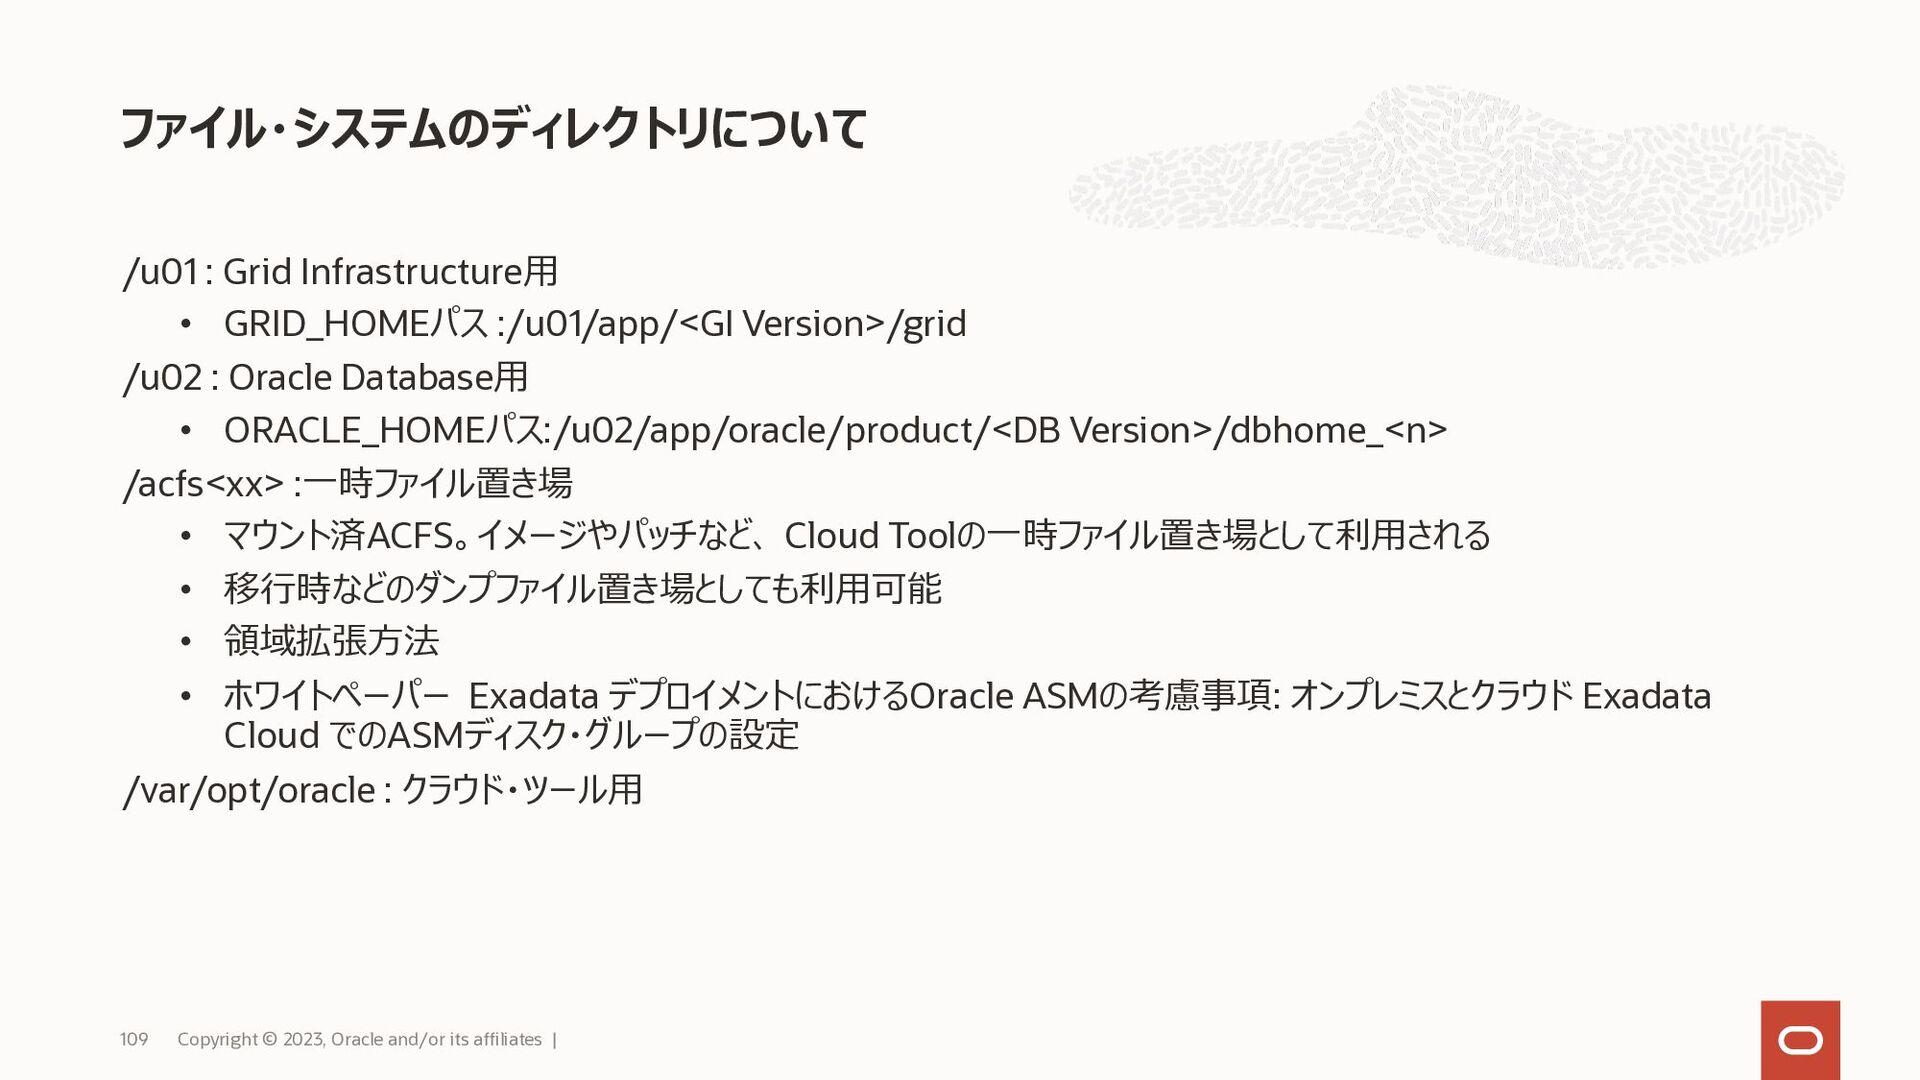 ユーザーの任意のタイミングを指定可能 • UI からの四半期ごとの事前スケジュール設定機能 •...